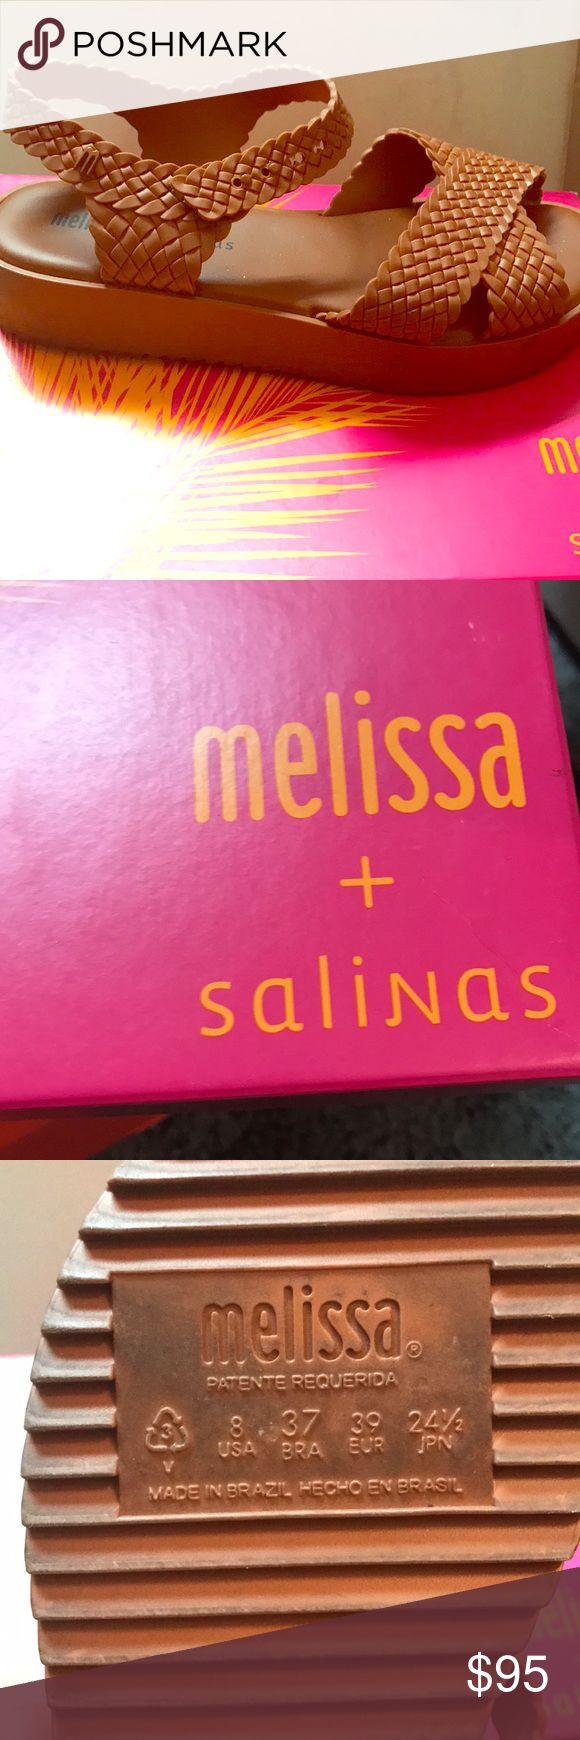 Melissa Salinas Platform Sandals👡✨ Melissa + Salinas Sandals in Brown. Worn Twice originally $115, Made in Brazil, still have the bubblegum smell. Melissa Shoes Sandals